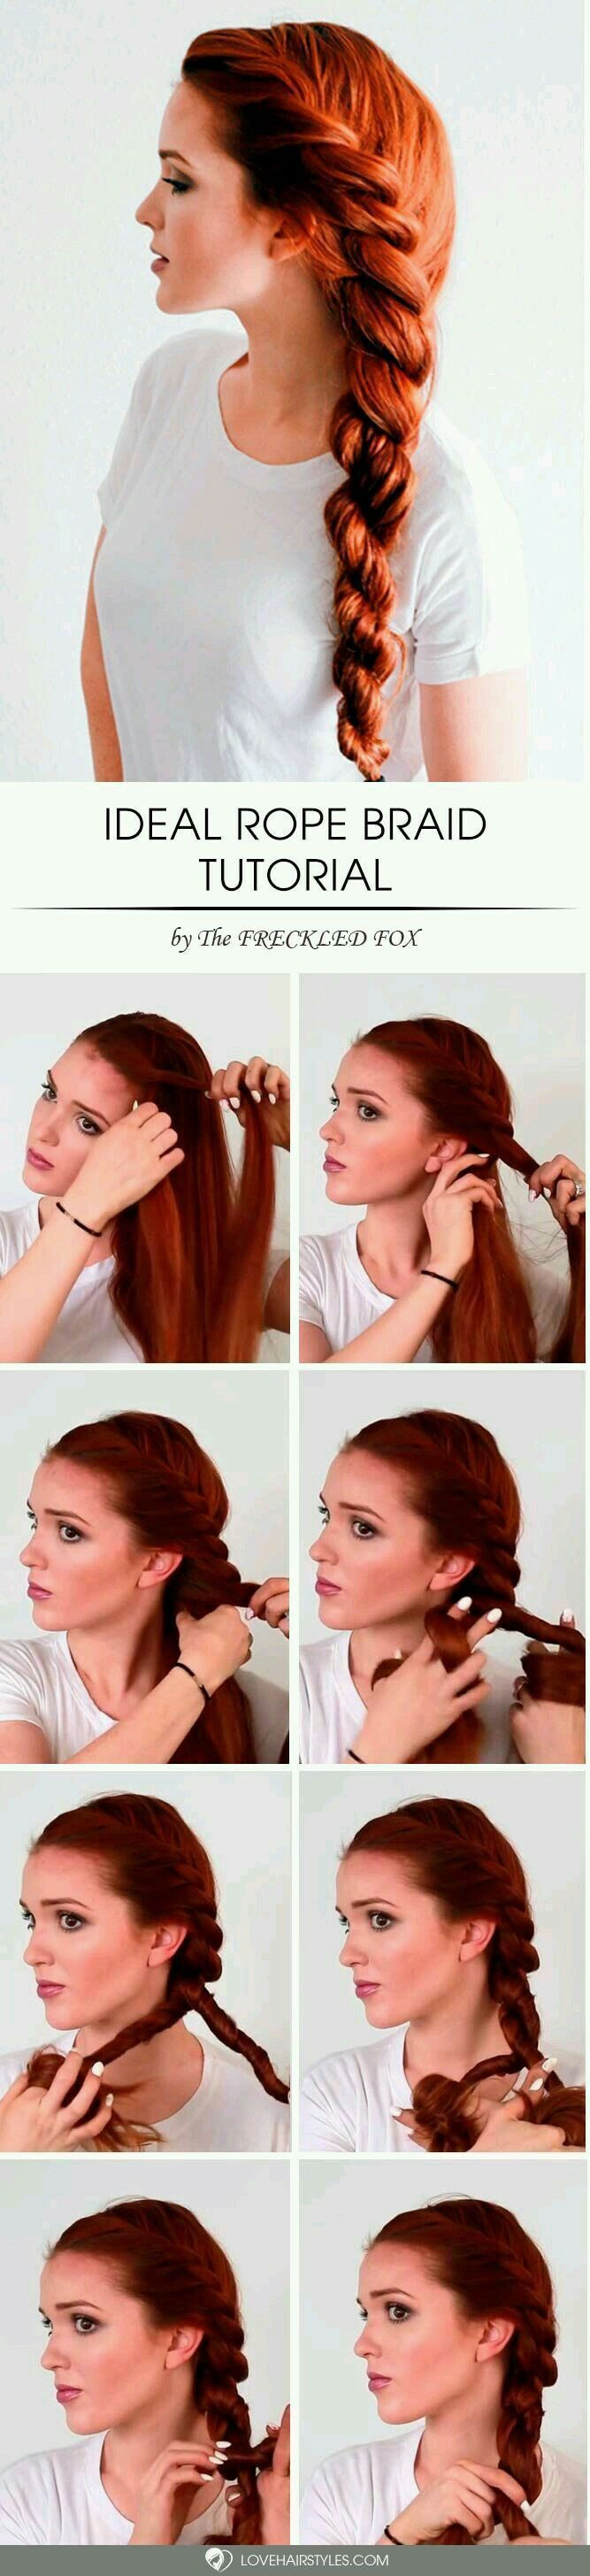 Photo of 25 +> 15 einfache Frisuren für den täglichen Gebrauch für kurzes, mittleres und langes Haar – Braid Hair Tutorial #the #simple – New Site